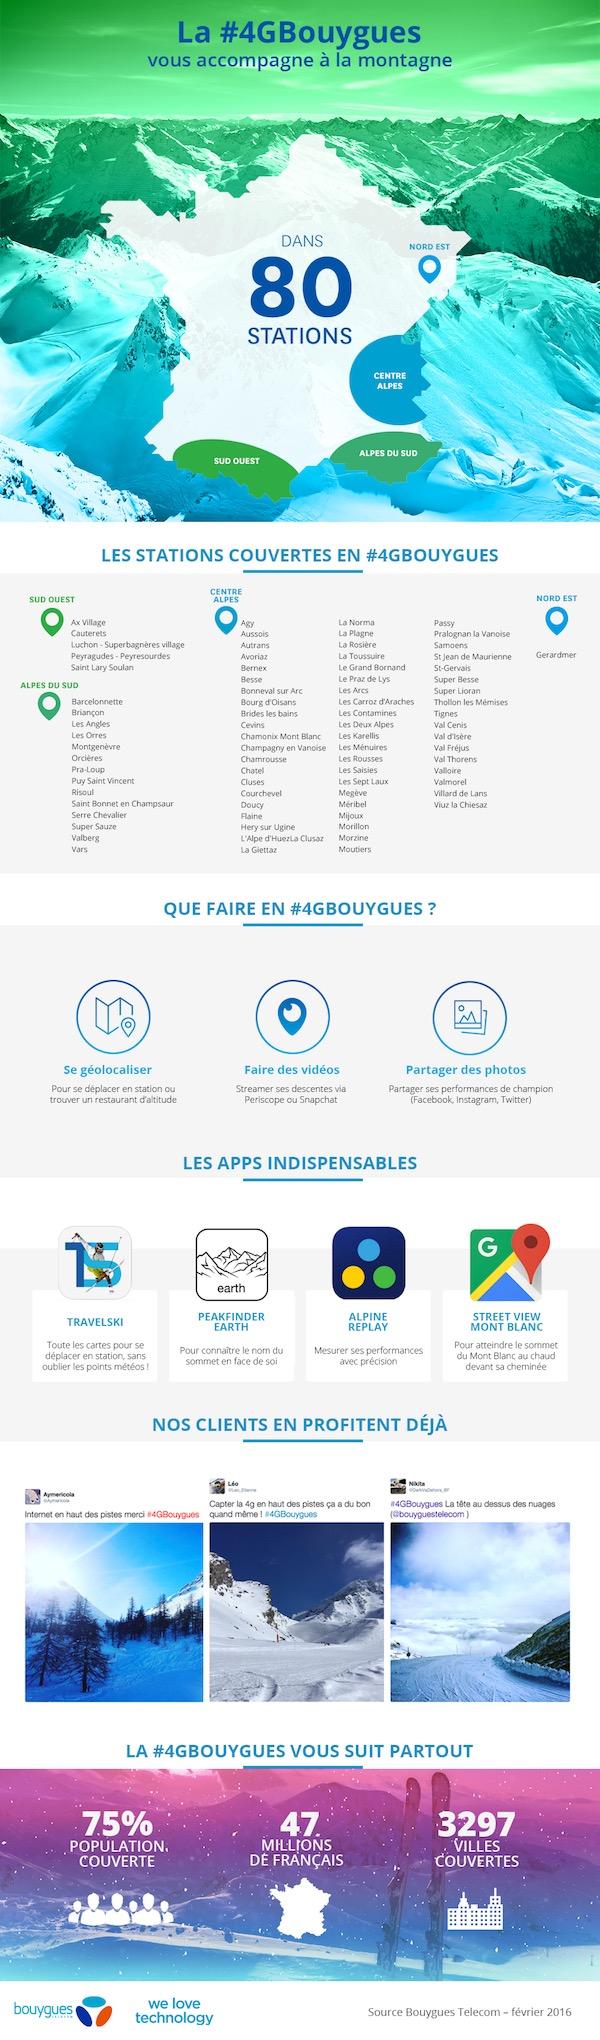 Infographie-Bouygues-Telecom-4G-Ski-2016